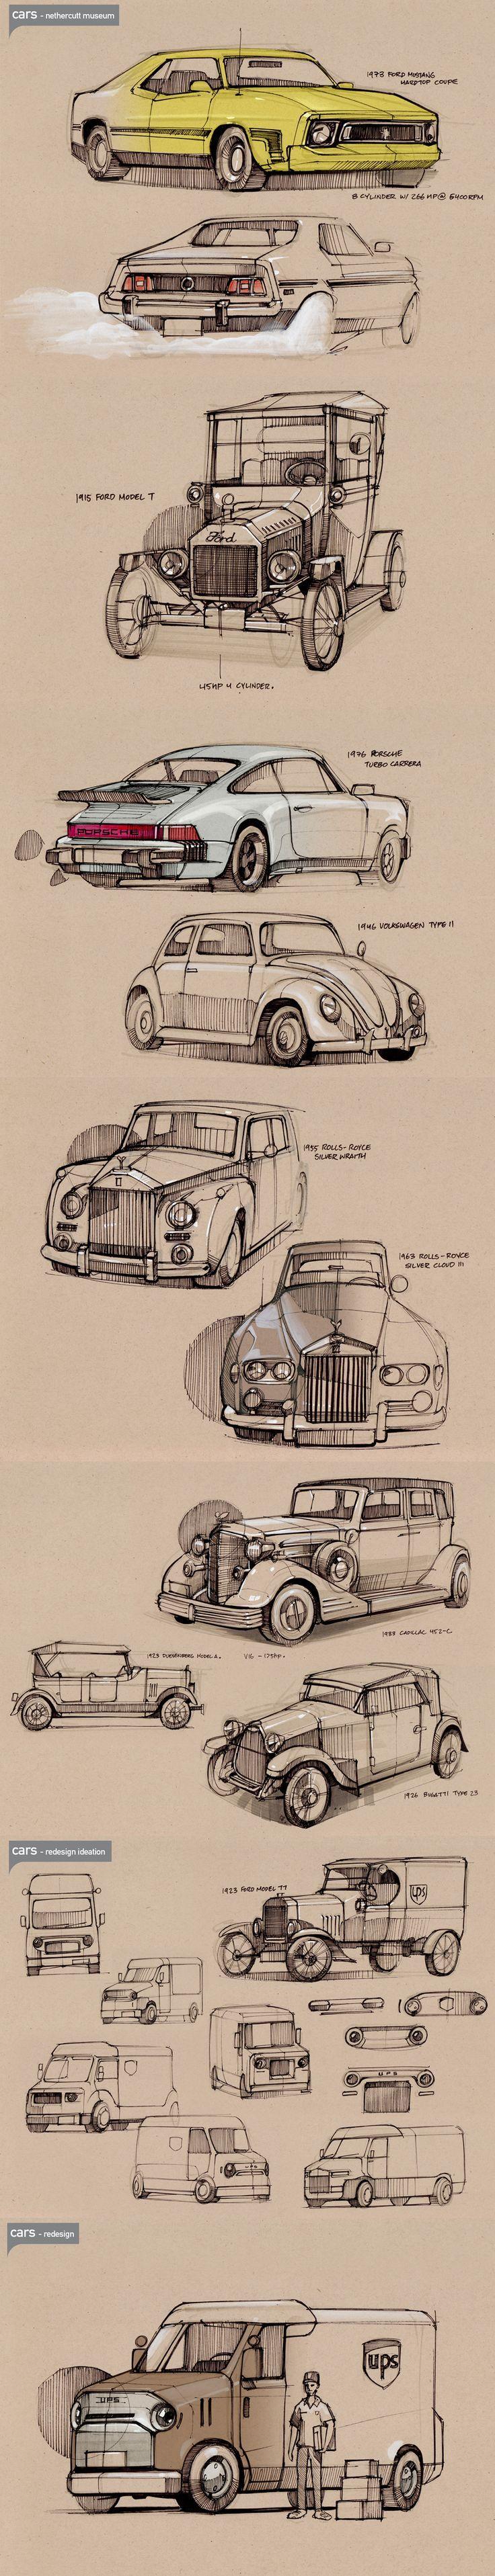 dibujos de vehiculos